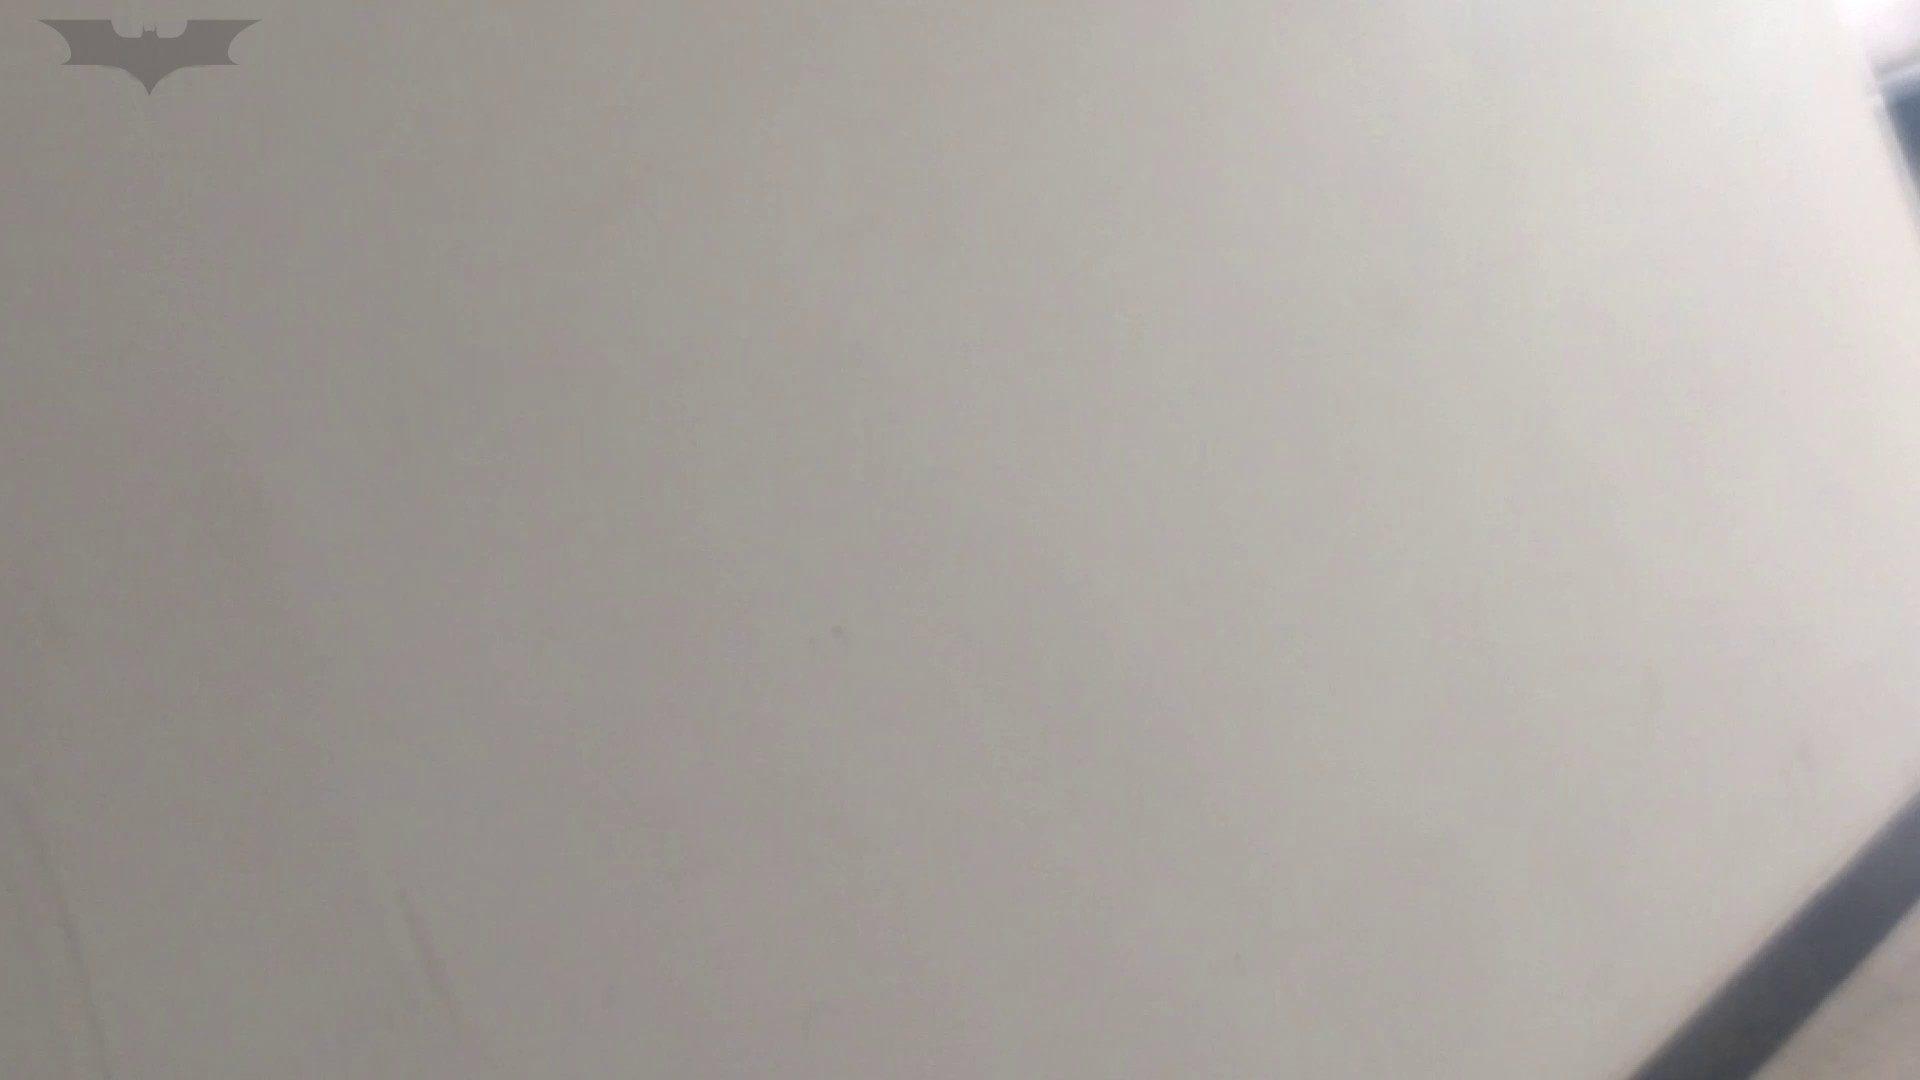 JD盗撮 美女の洗面所の秘密 Vol.05 盗撮で悶絶 SEX無修正画像 59画像 50